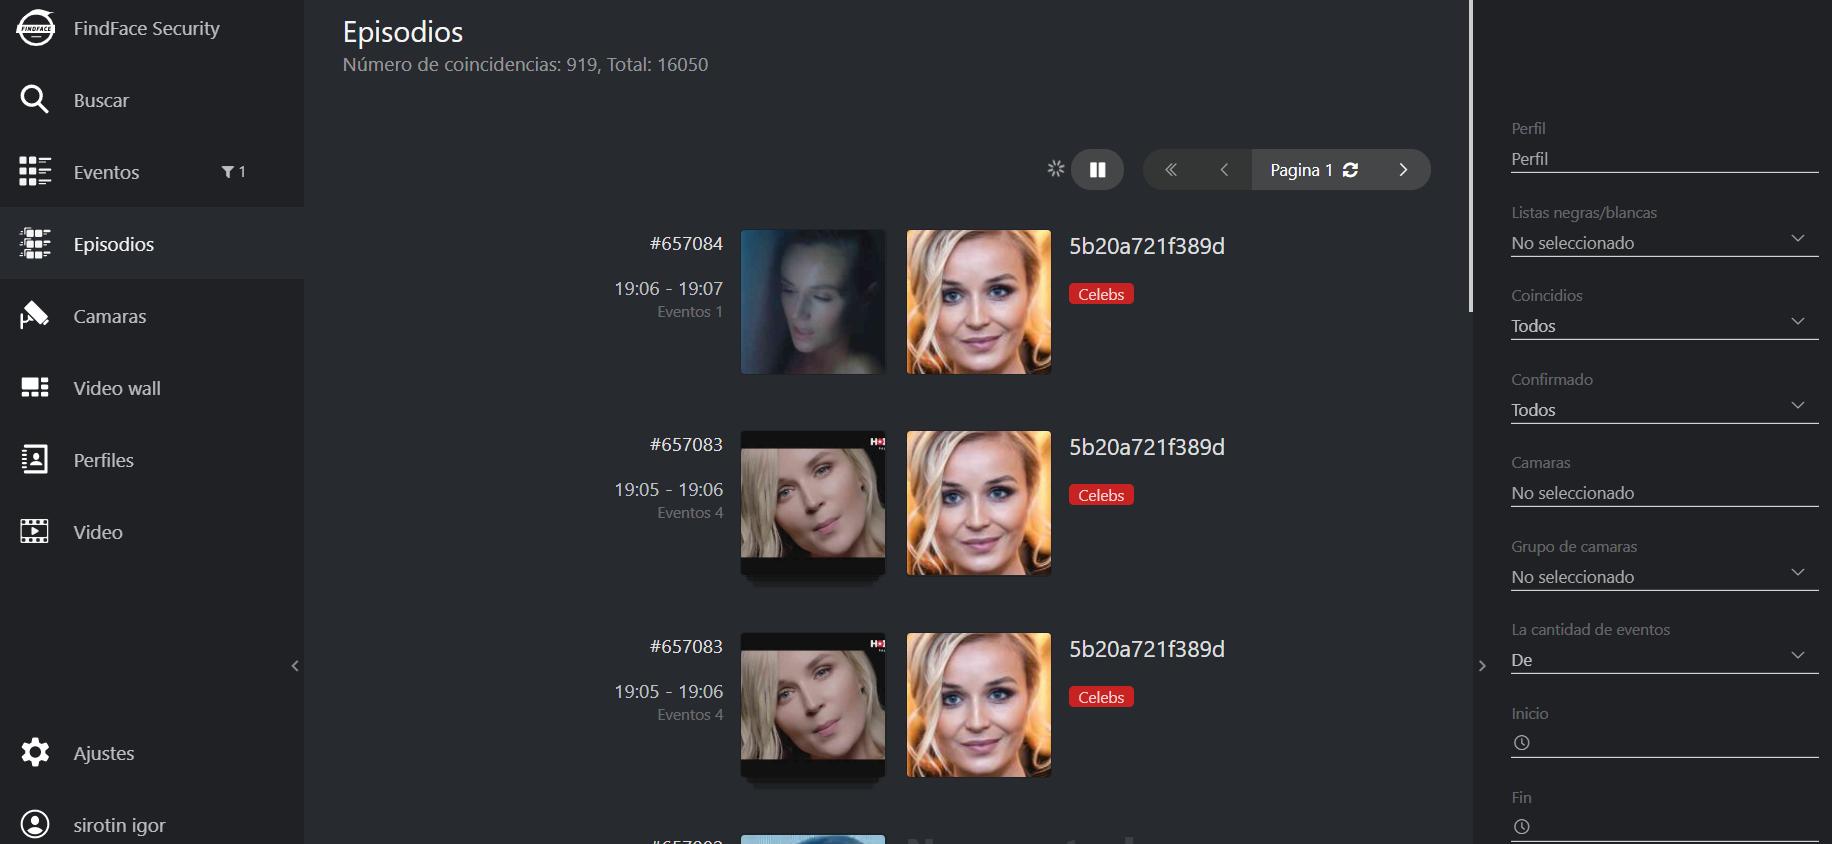 face recognition combine episodes